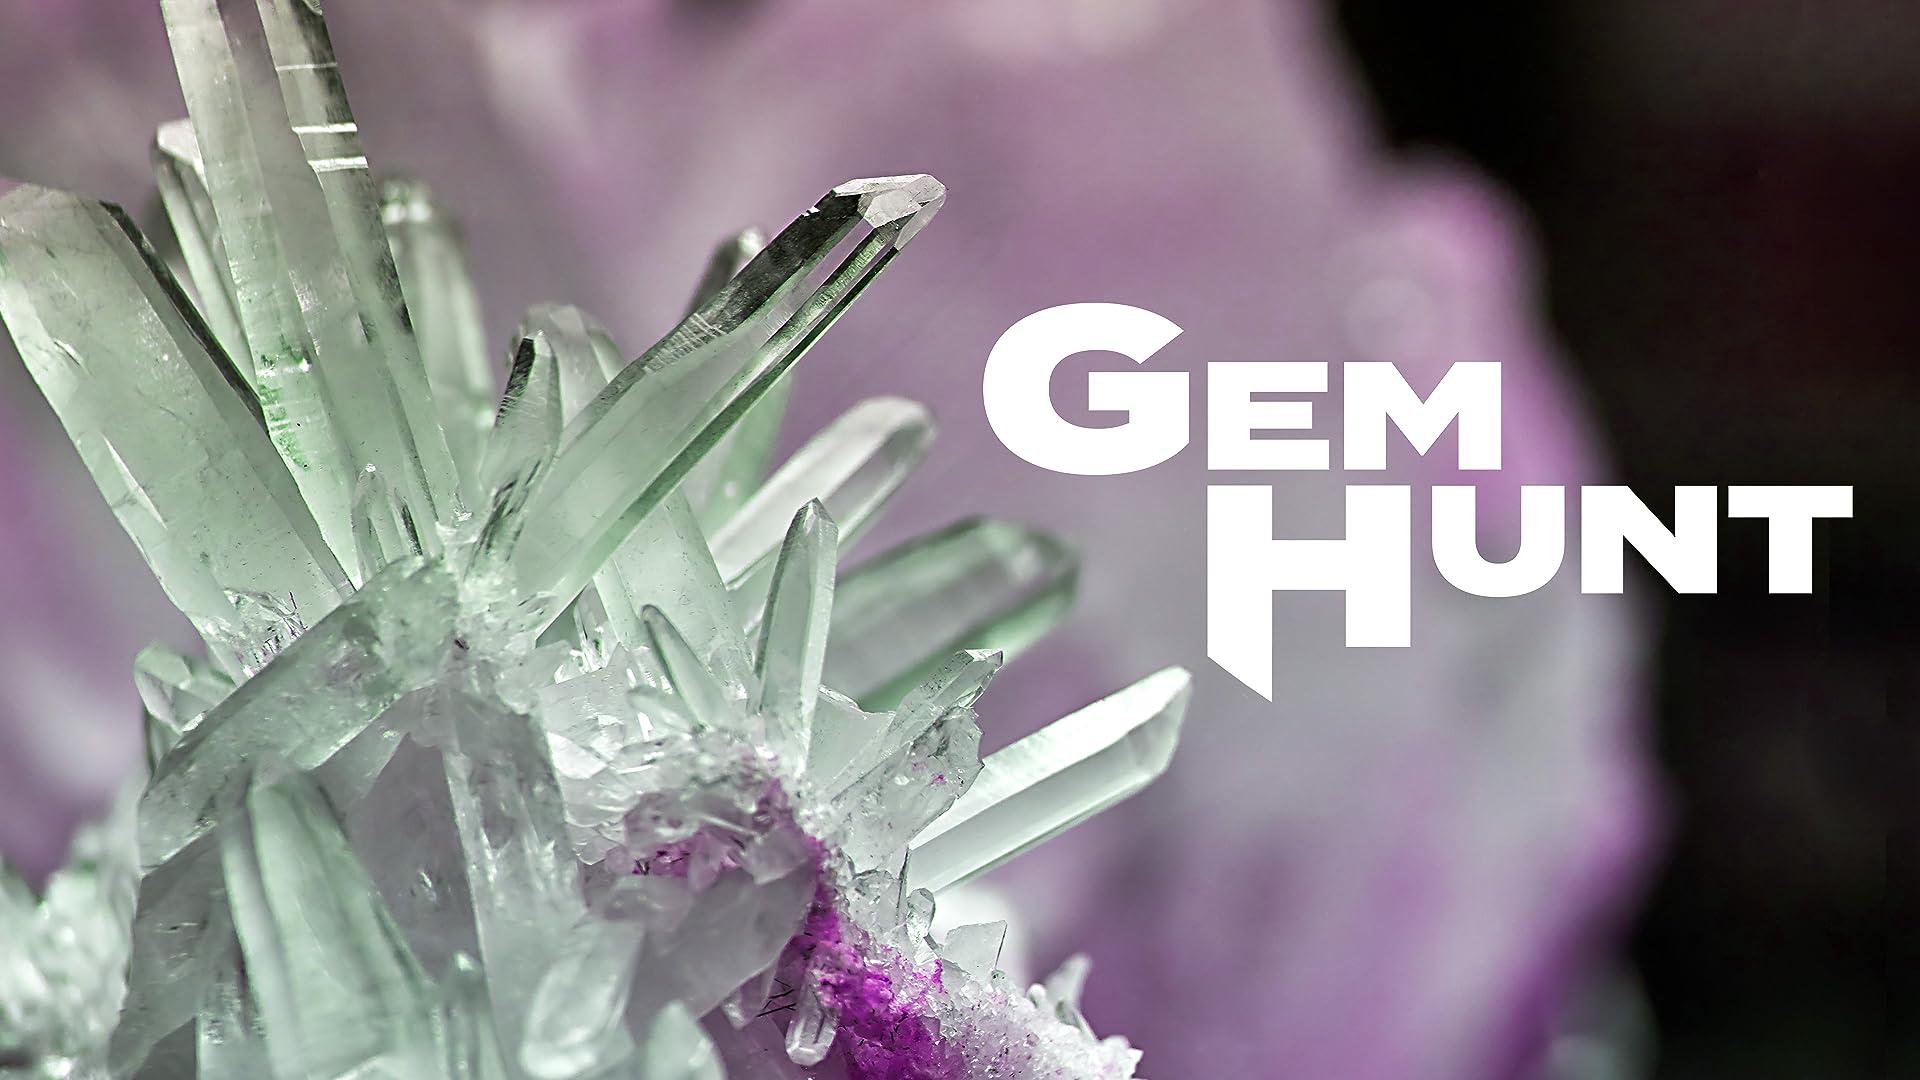 Gem Hunt - Season 1